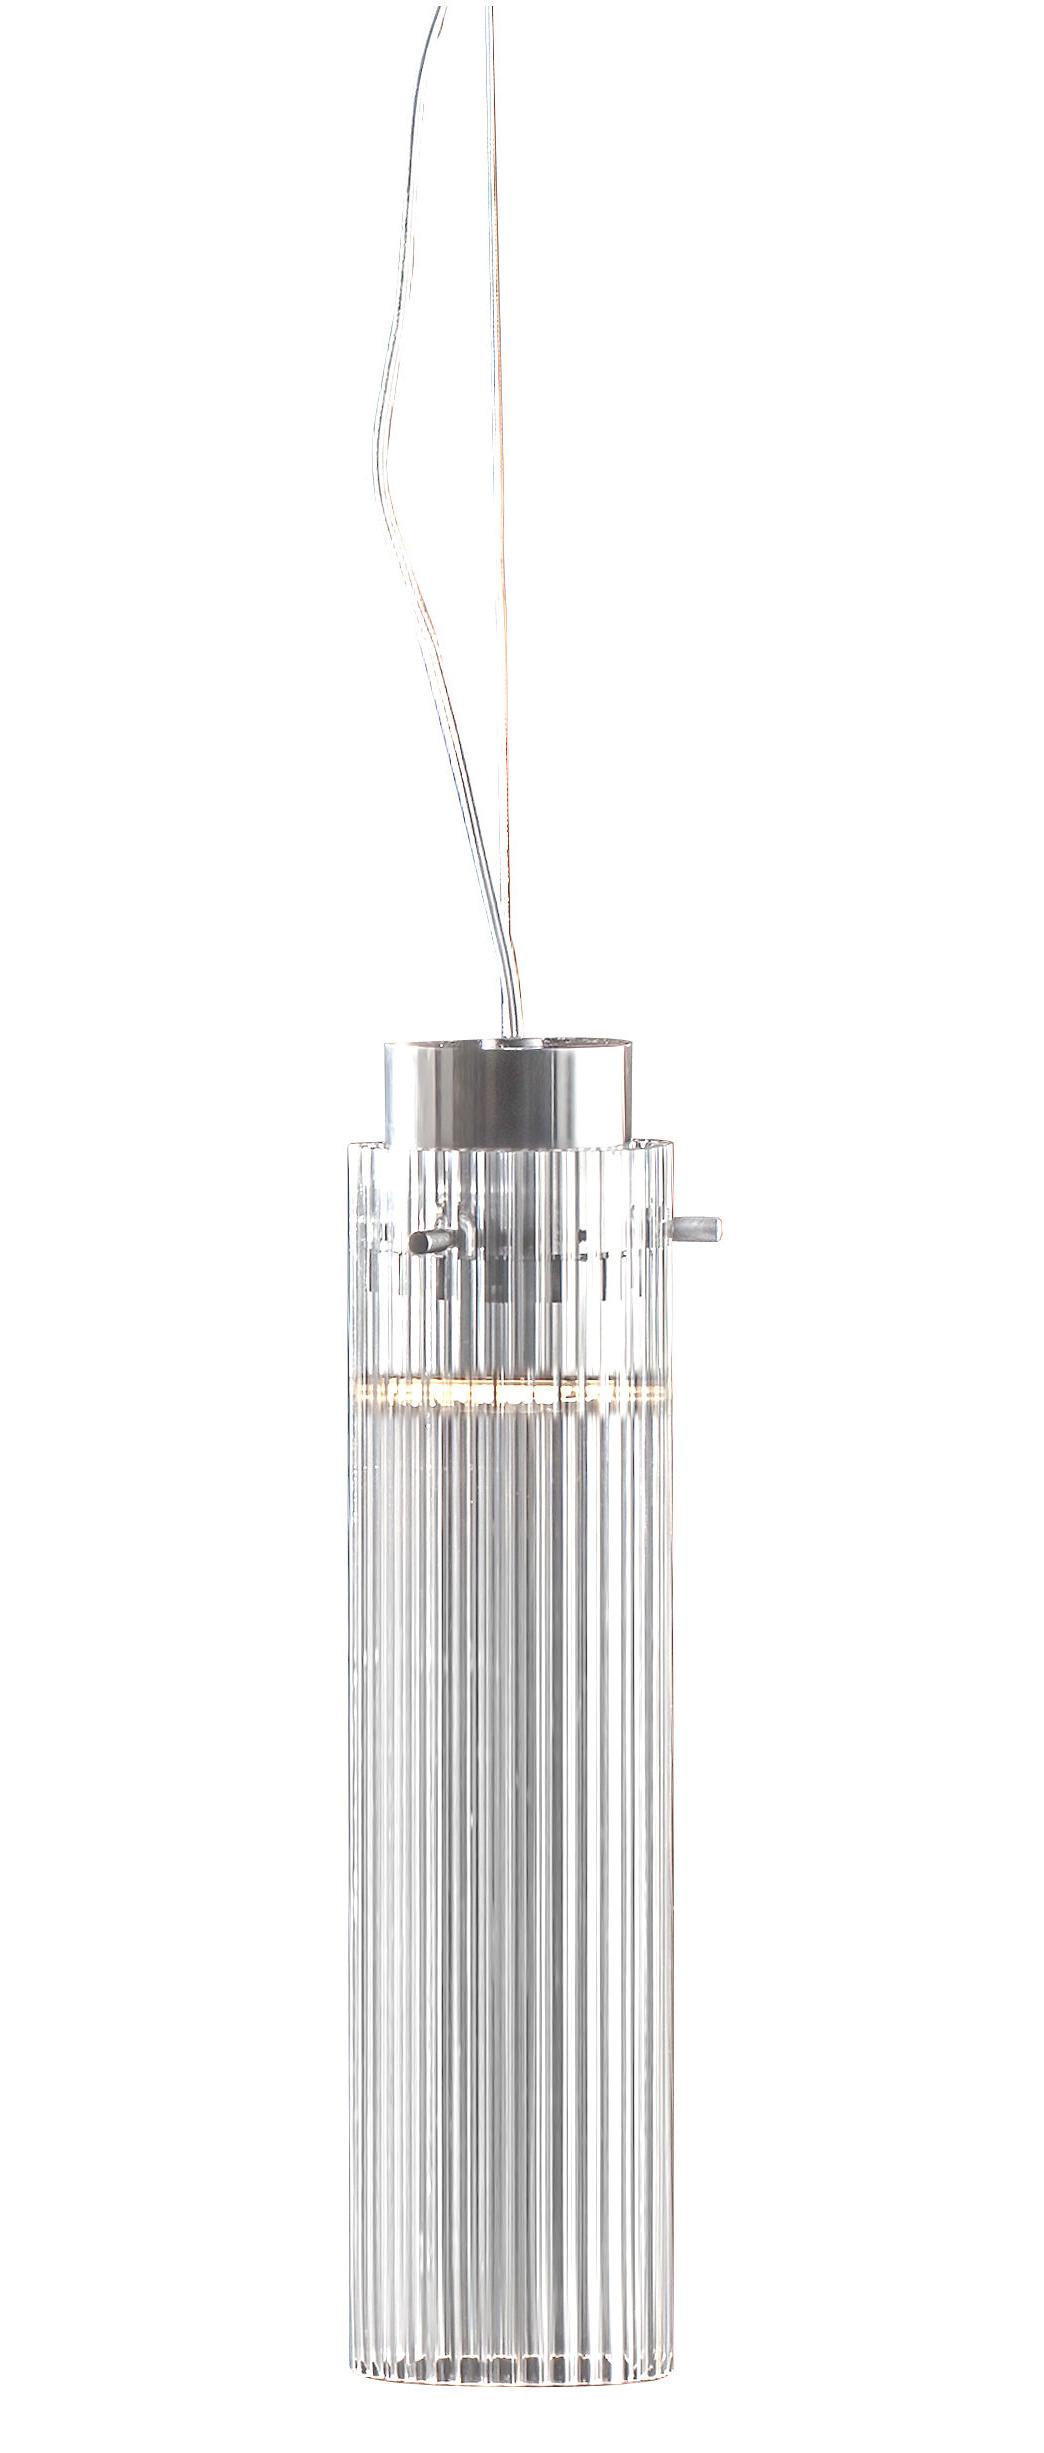 Leuchten - Pendelleuchten - Rifly Pendelleuchte / LED - H 30 cm - Kartell - Transparent (farblos) - Polycarbonate plissé